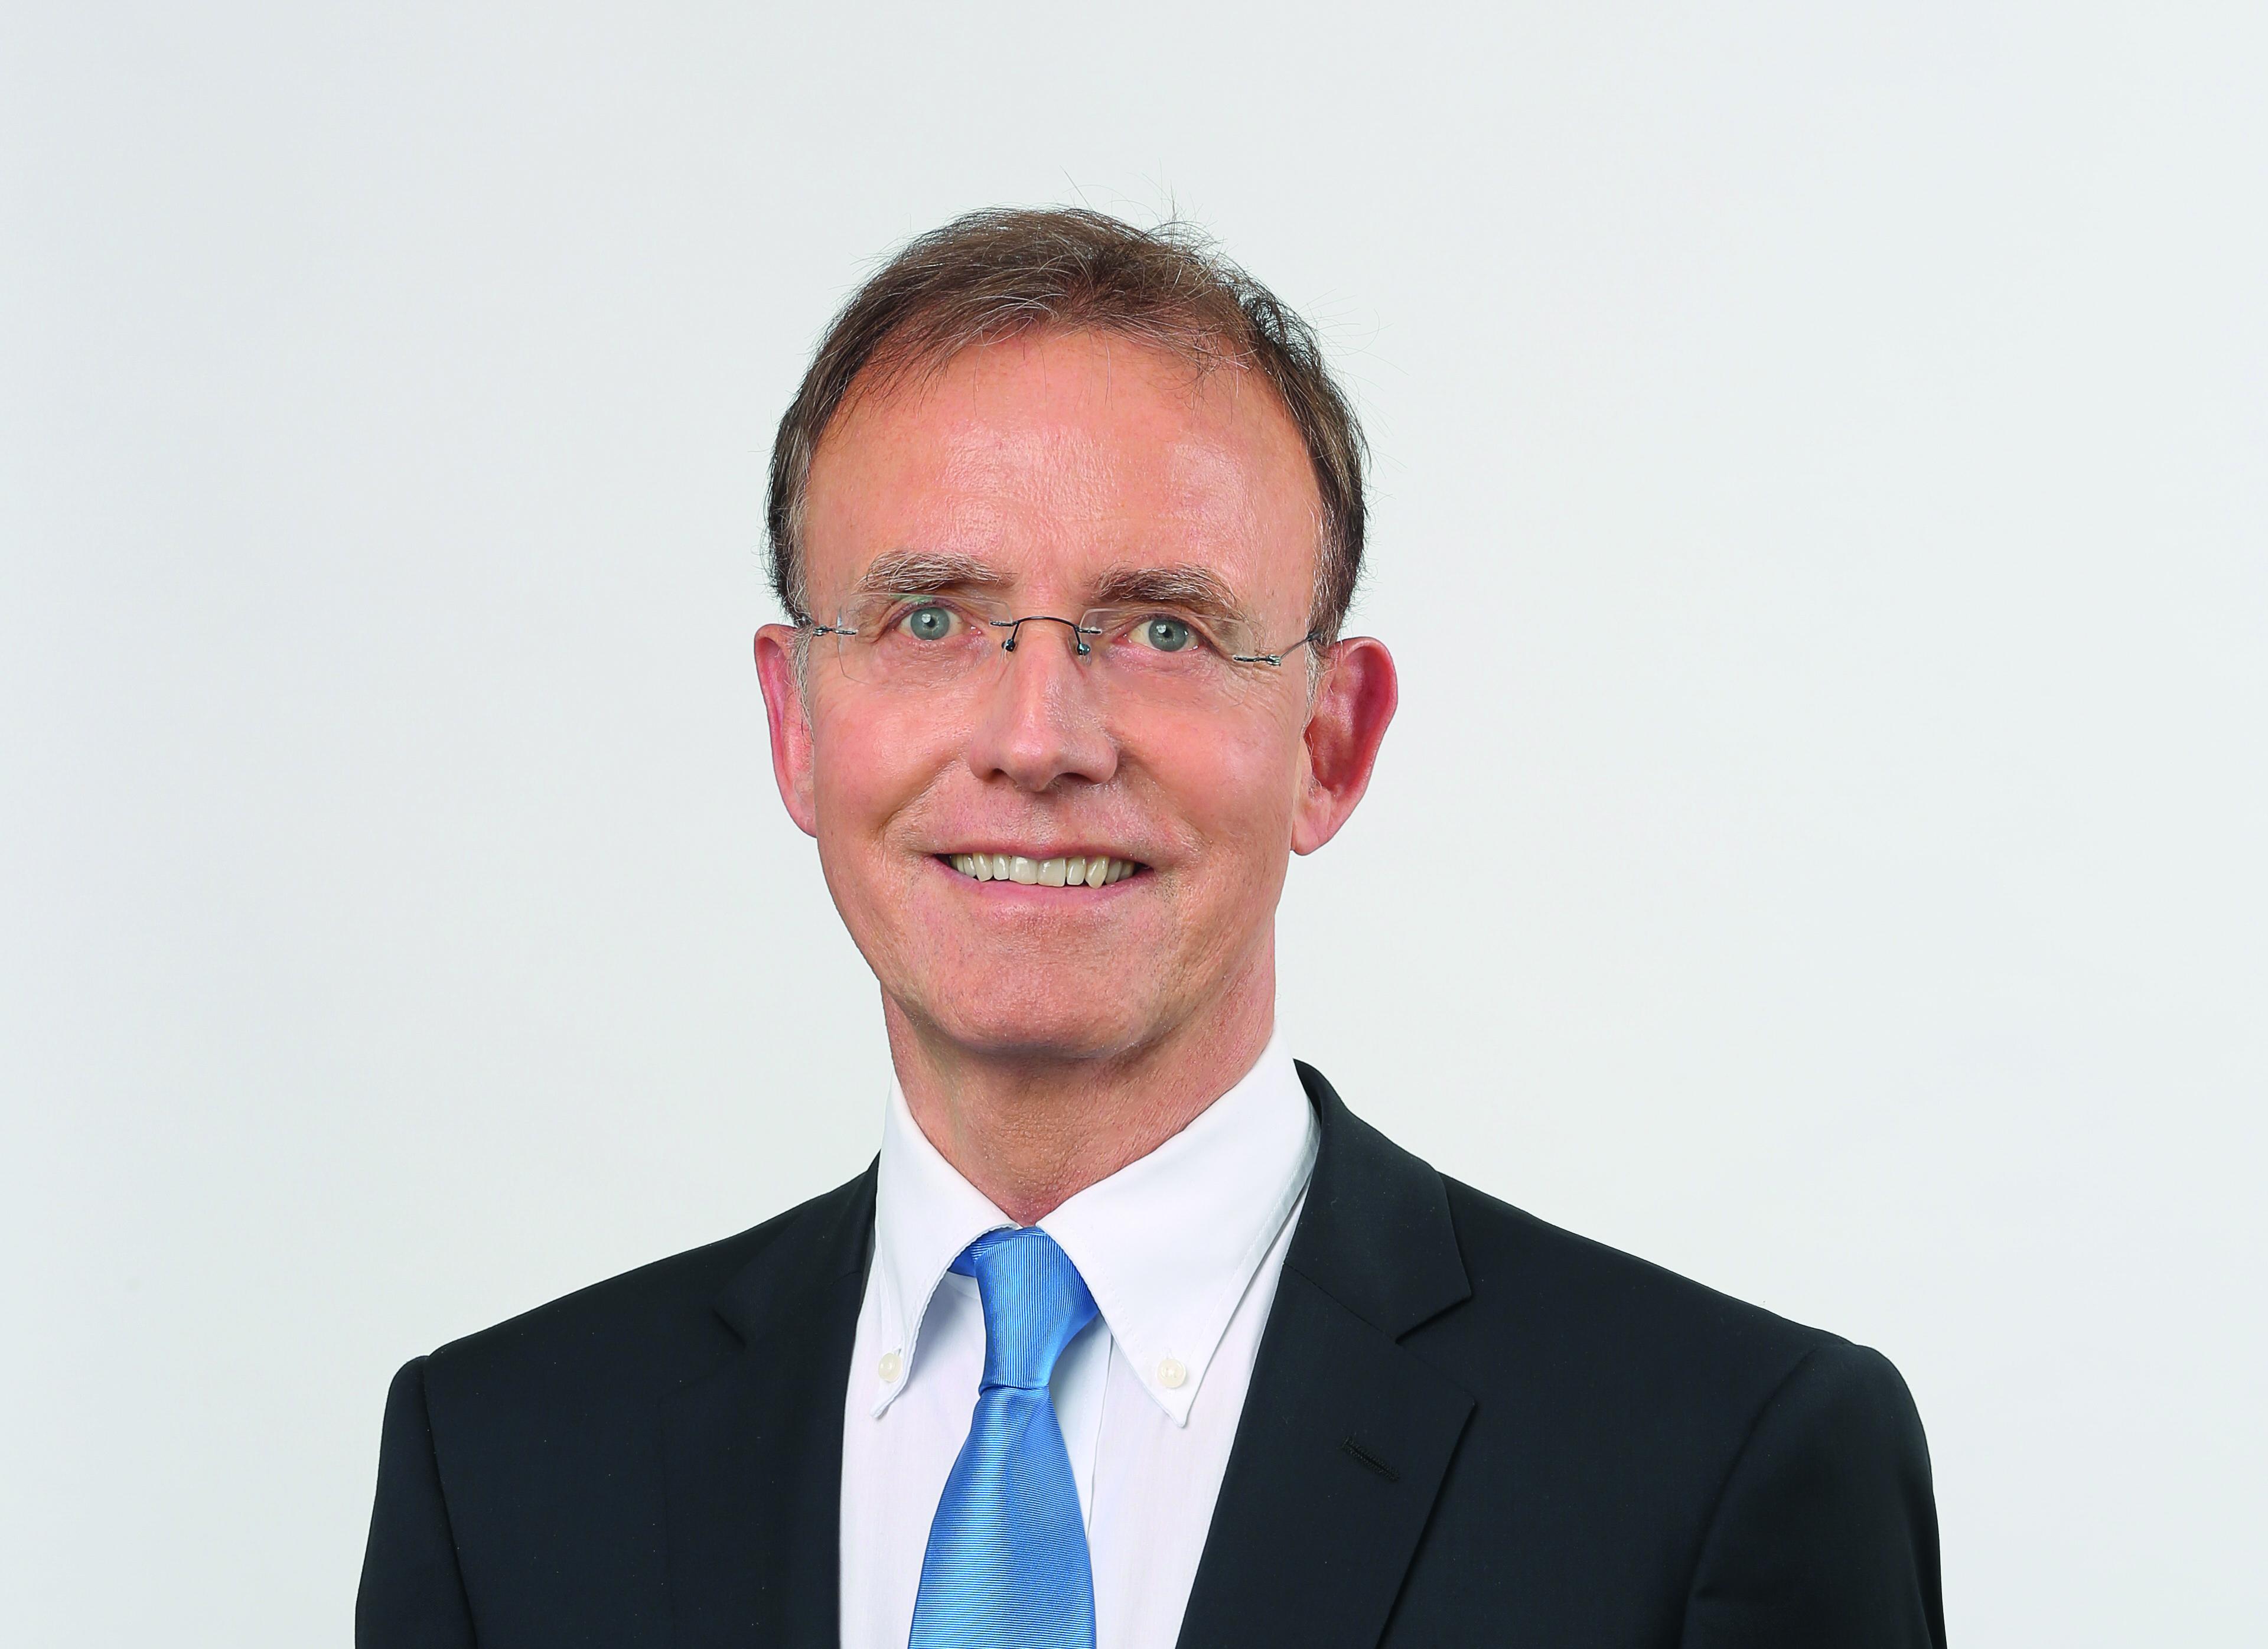 Gerd Landsberg über einen Schutzschirm für Kommunen während der Corona-Pandemie.